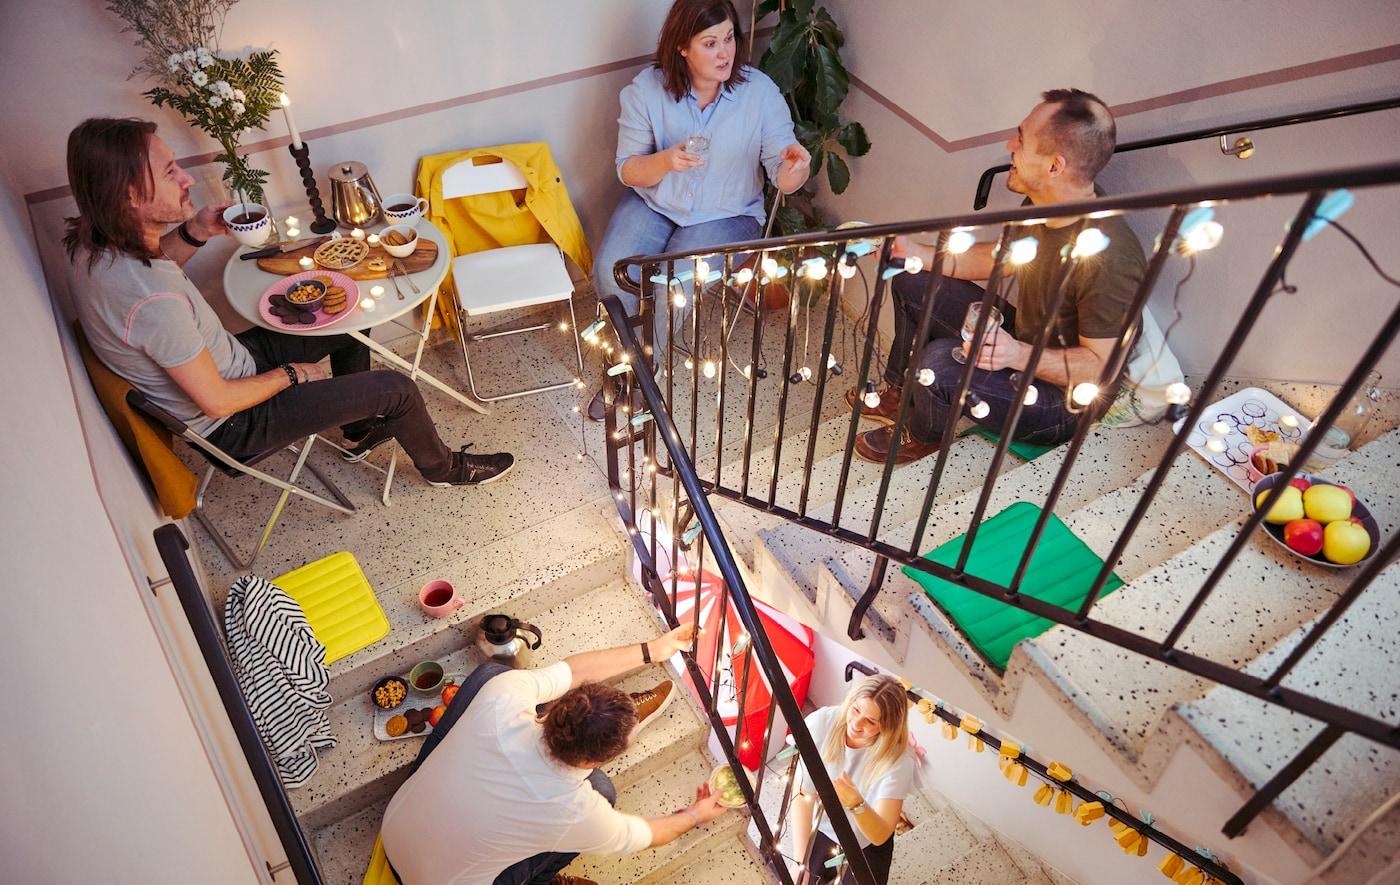 Alcune persone chiacchierano e mangiano snack seduti sulle scale di casa - IKEA